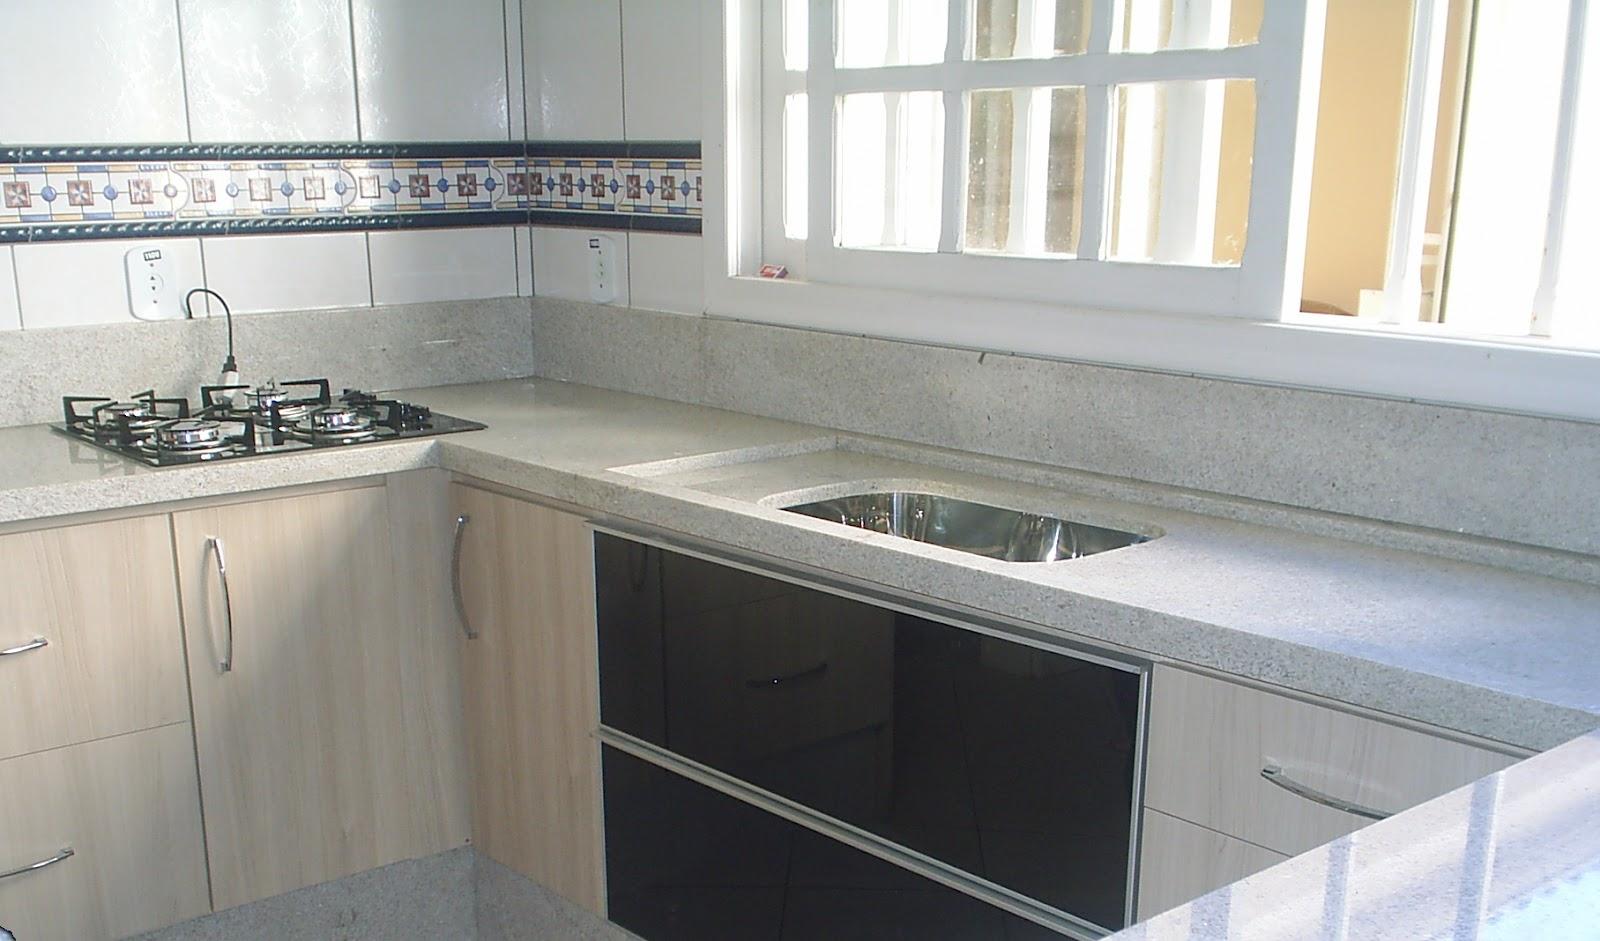 #836F48 BANCADAS DE COZINHA E BANHEIRO 1600x941 px Bancada De Granito Para Cozinha Americana Preço_2423 Imagens